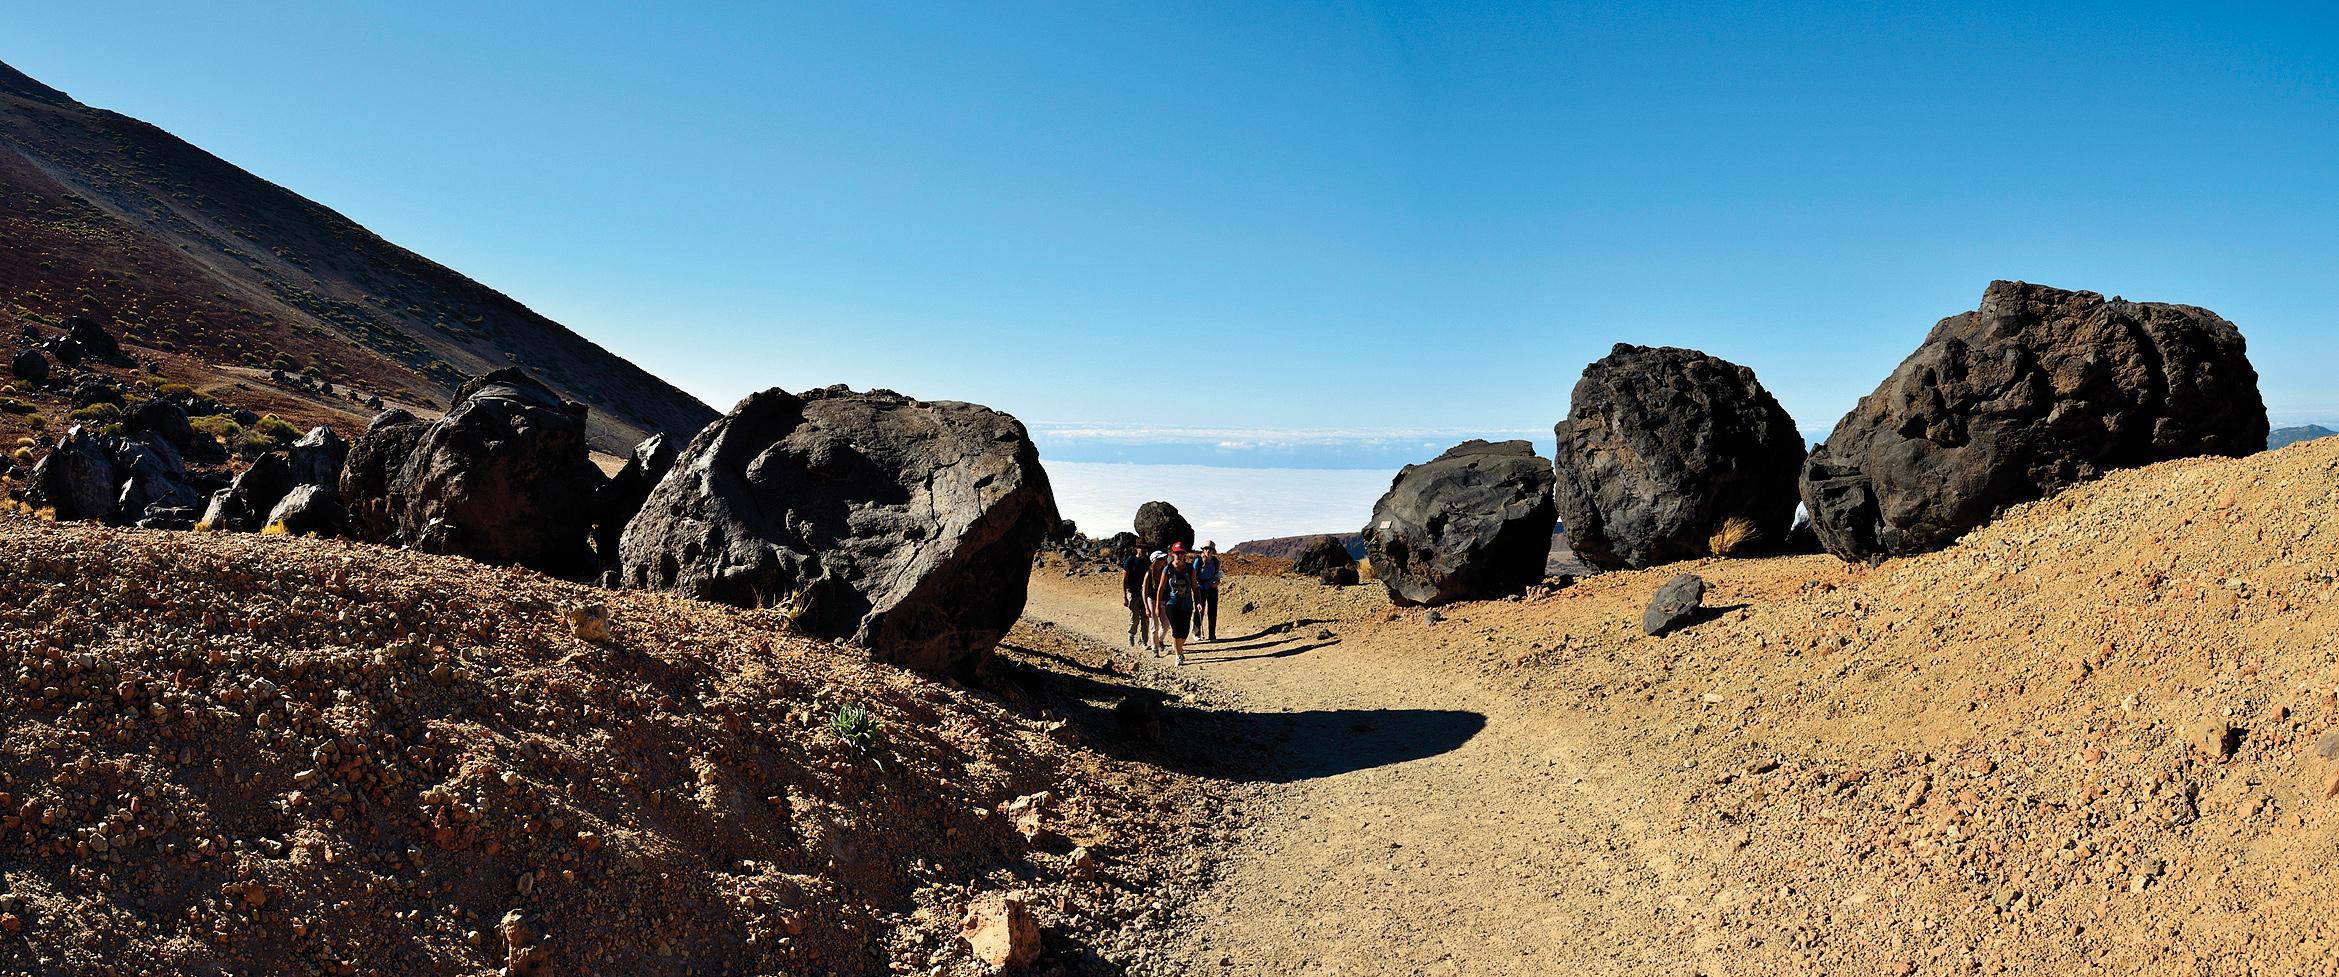 Sentiero di Montaña Blanca: salita al Teide a piedi senza permesso